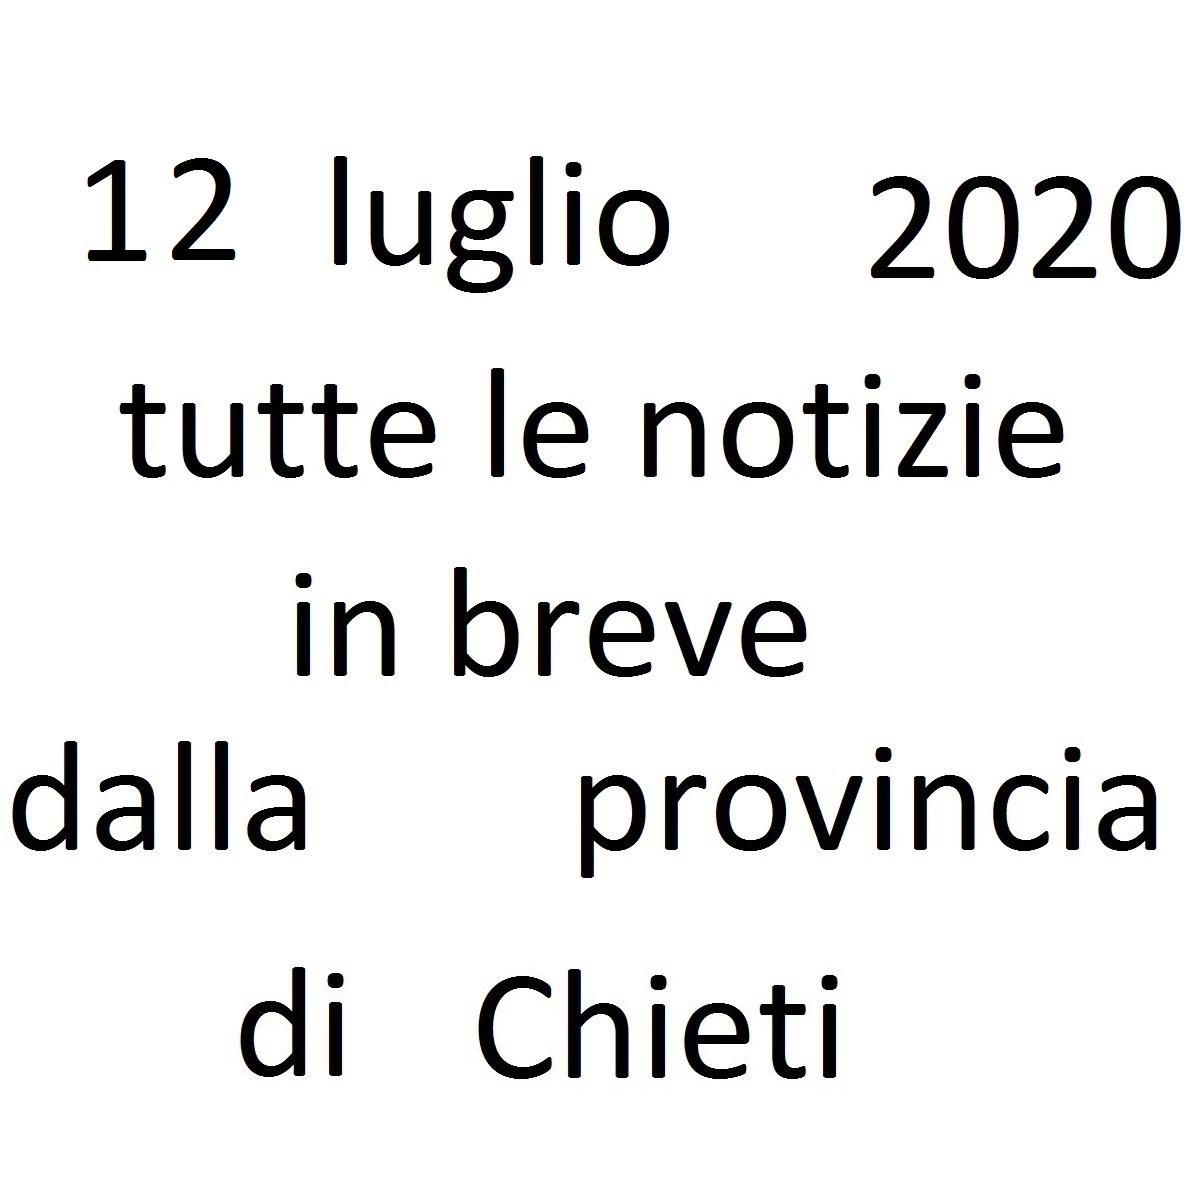 12 luglio 2020 notizie in breve dalla Provincia di Chieti foto